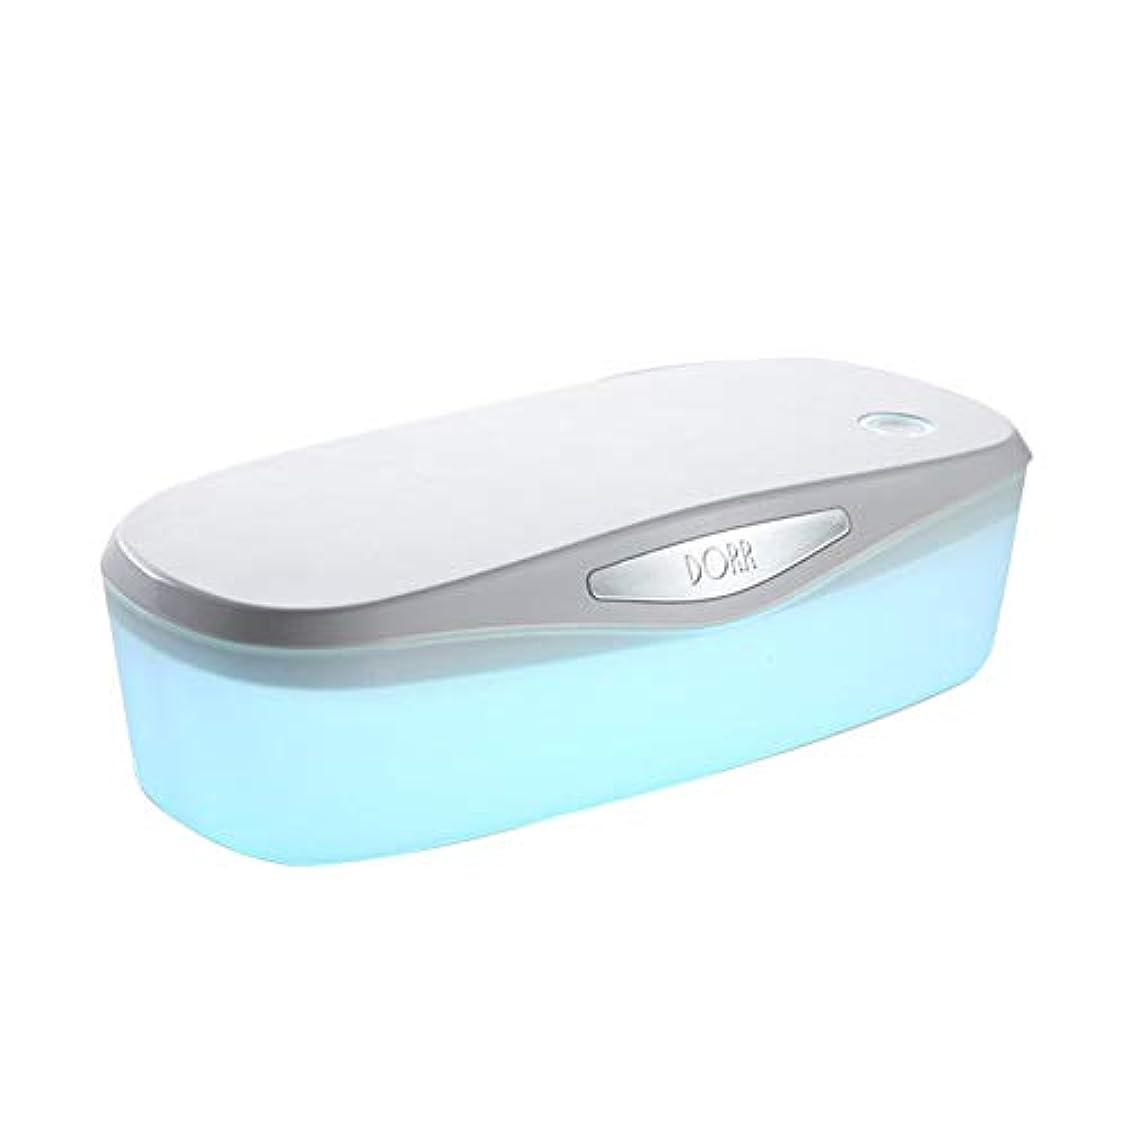 レコーダー腰どんなときも紫外線殺菌箱、携帯用USBの抗菌性のオゾン殺菌の殺菌ランプが付いている紫外線殺菌装置、おしゃぶりのための美用具の滅菌装置成人用製品大広間用具食器類化粧筆歯ブラシ